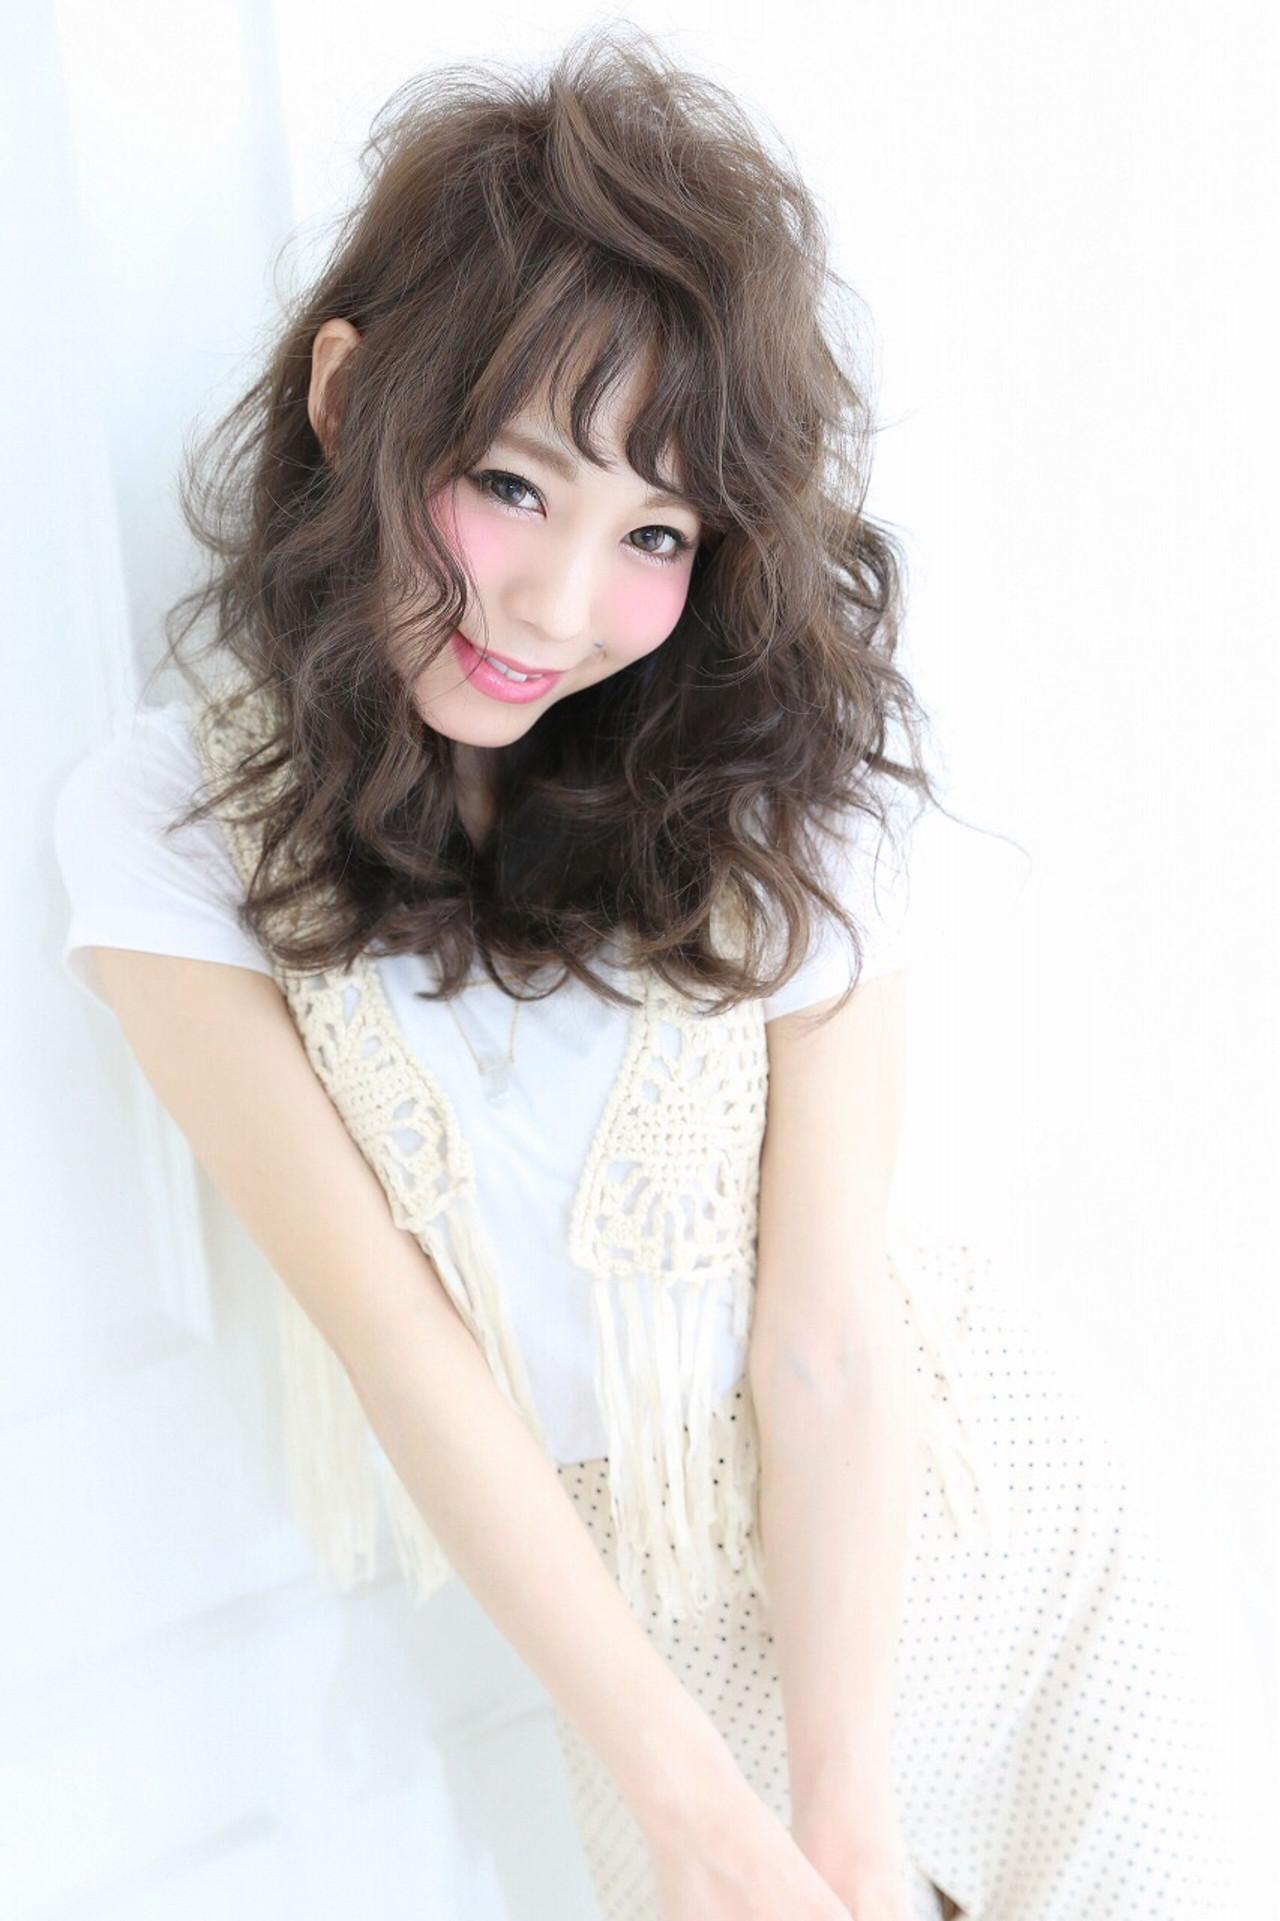 外国人風 アッシュ ガーリー フェミニン ヘアスタイルや髪型の写真・画像 | しらいわ まちこ /